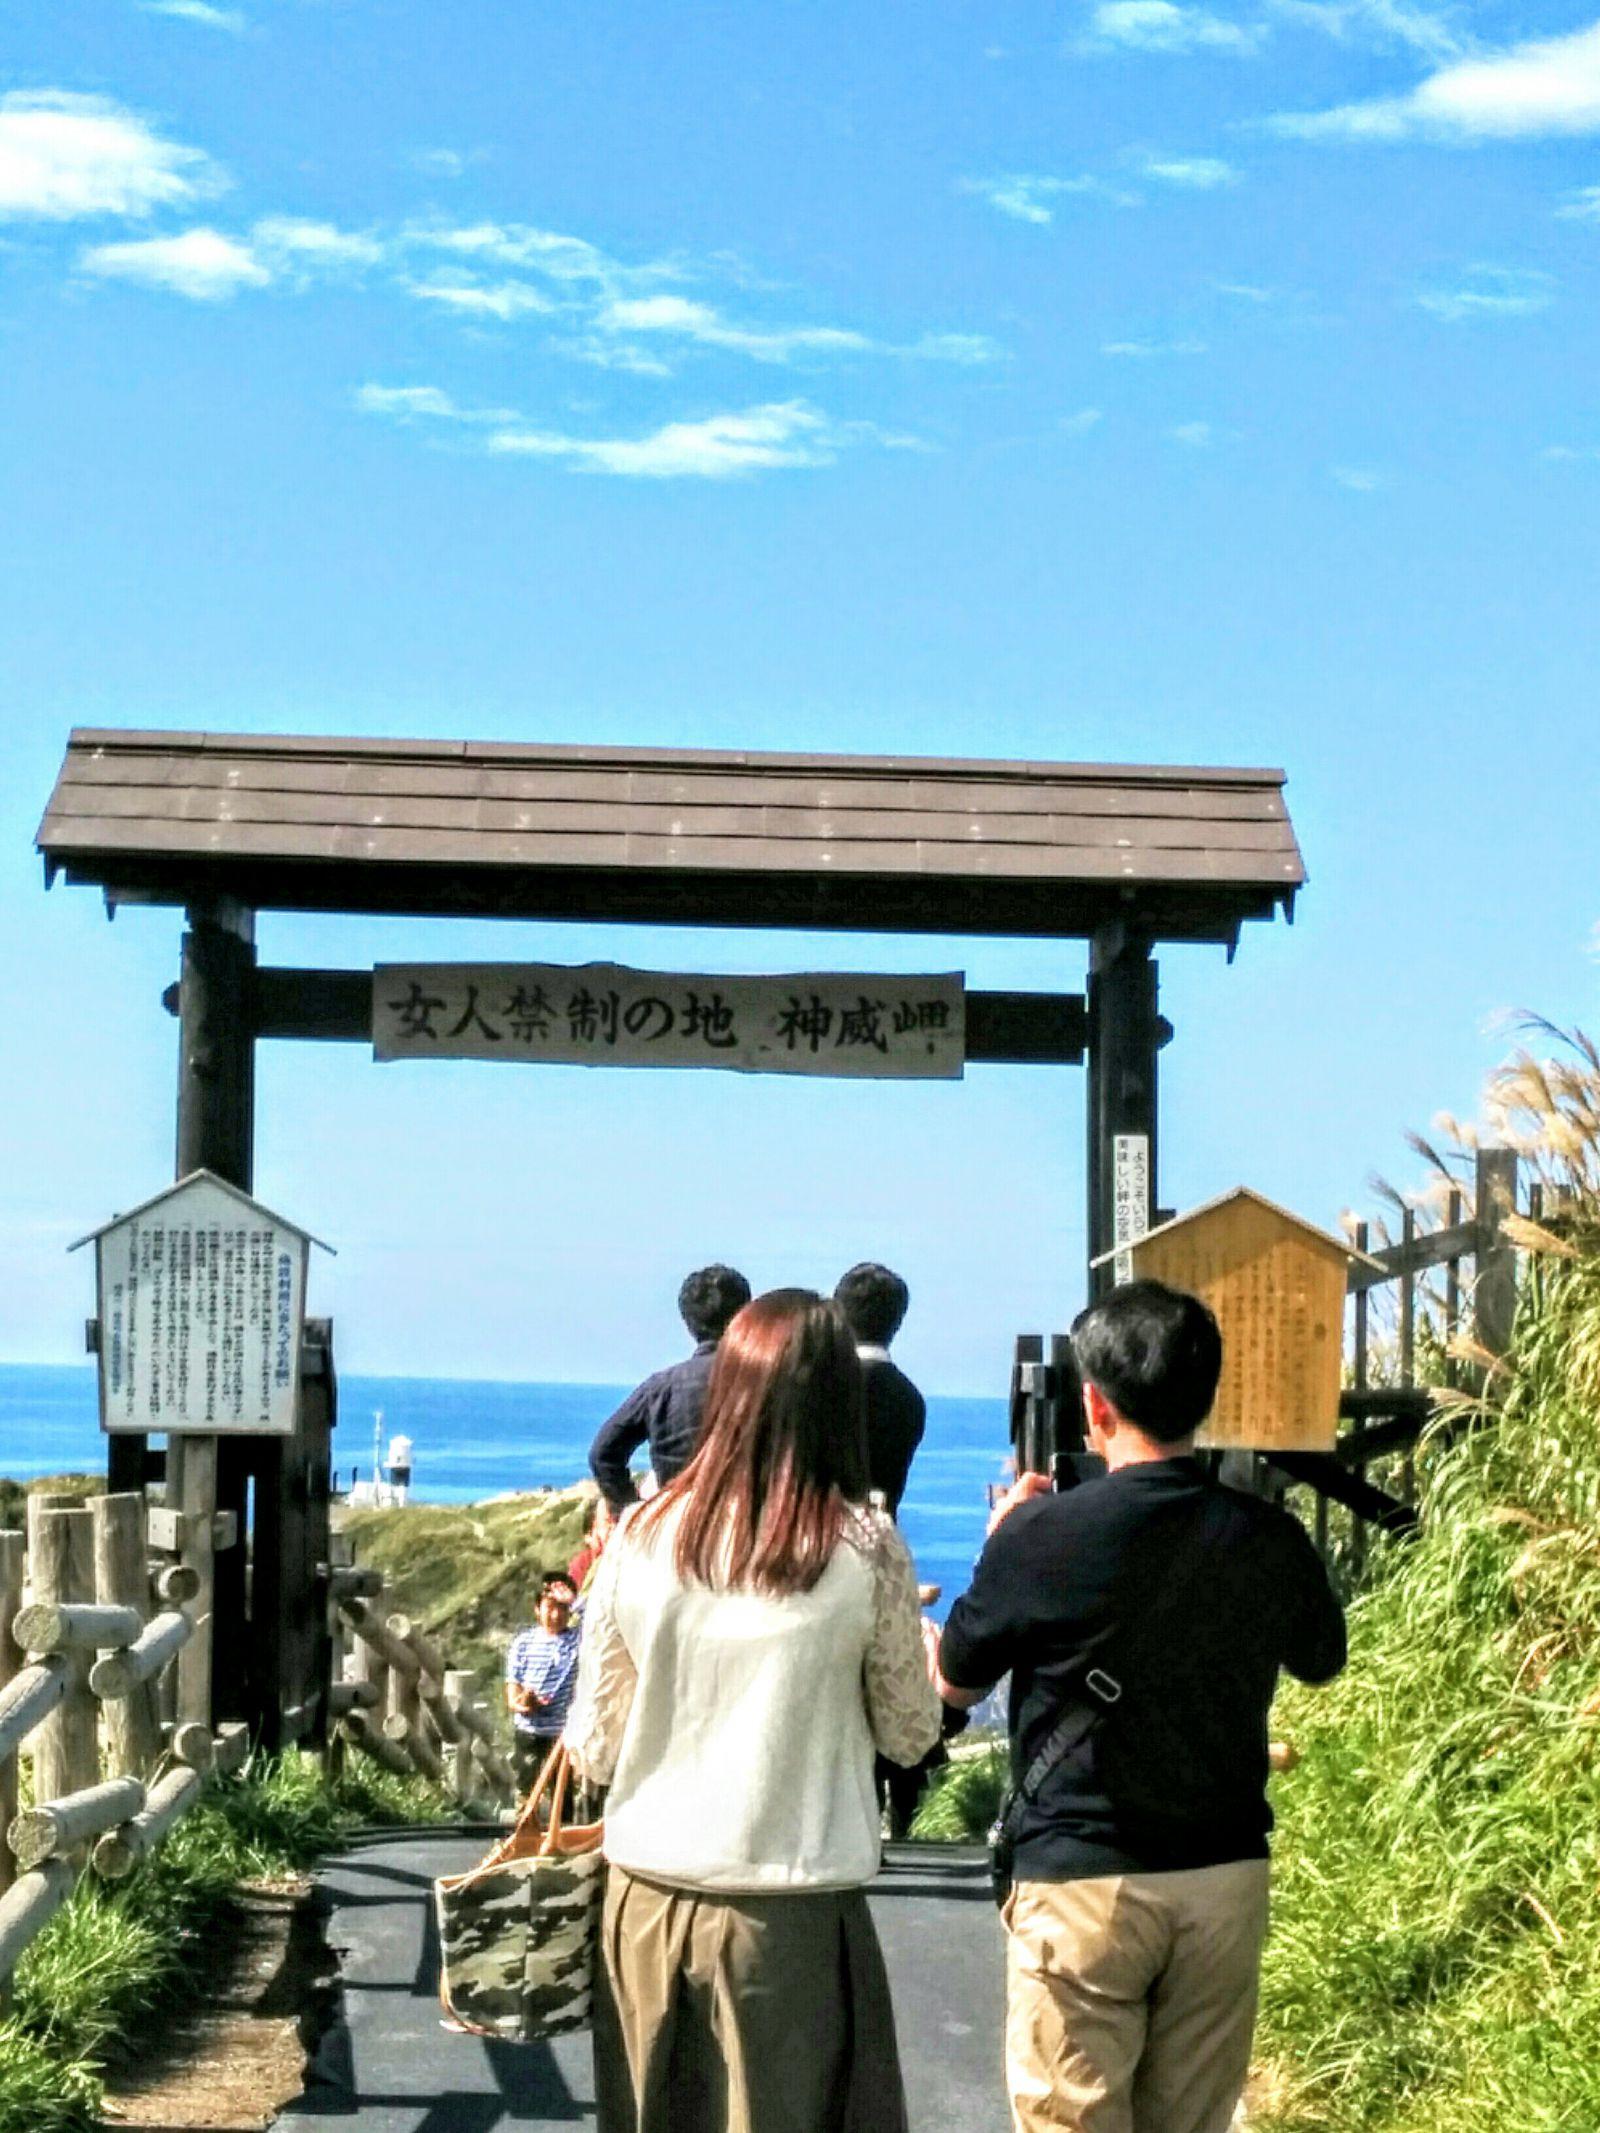 積丹半島神威岬と女人禁制門観光タクシー